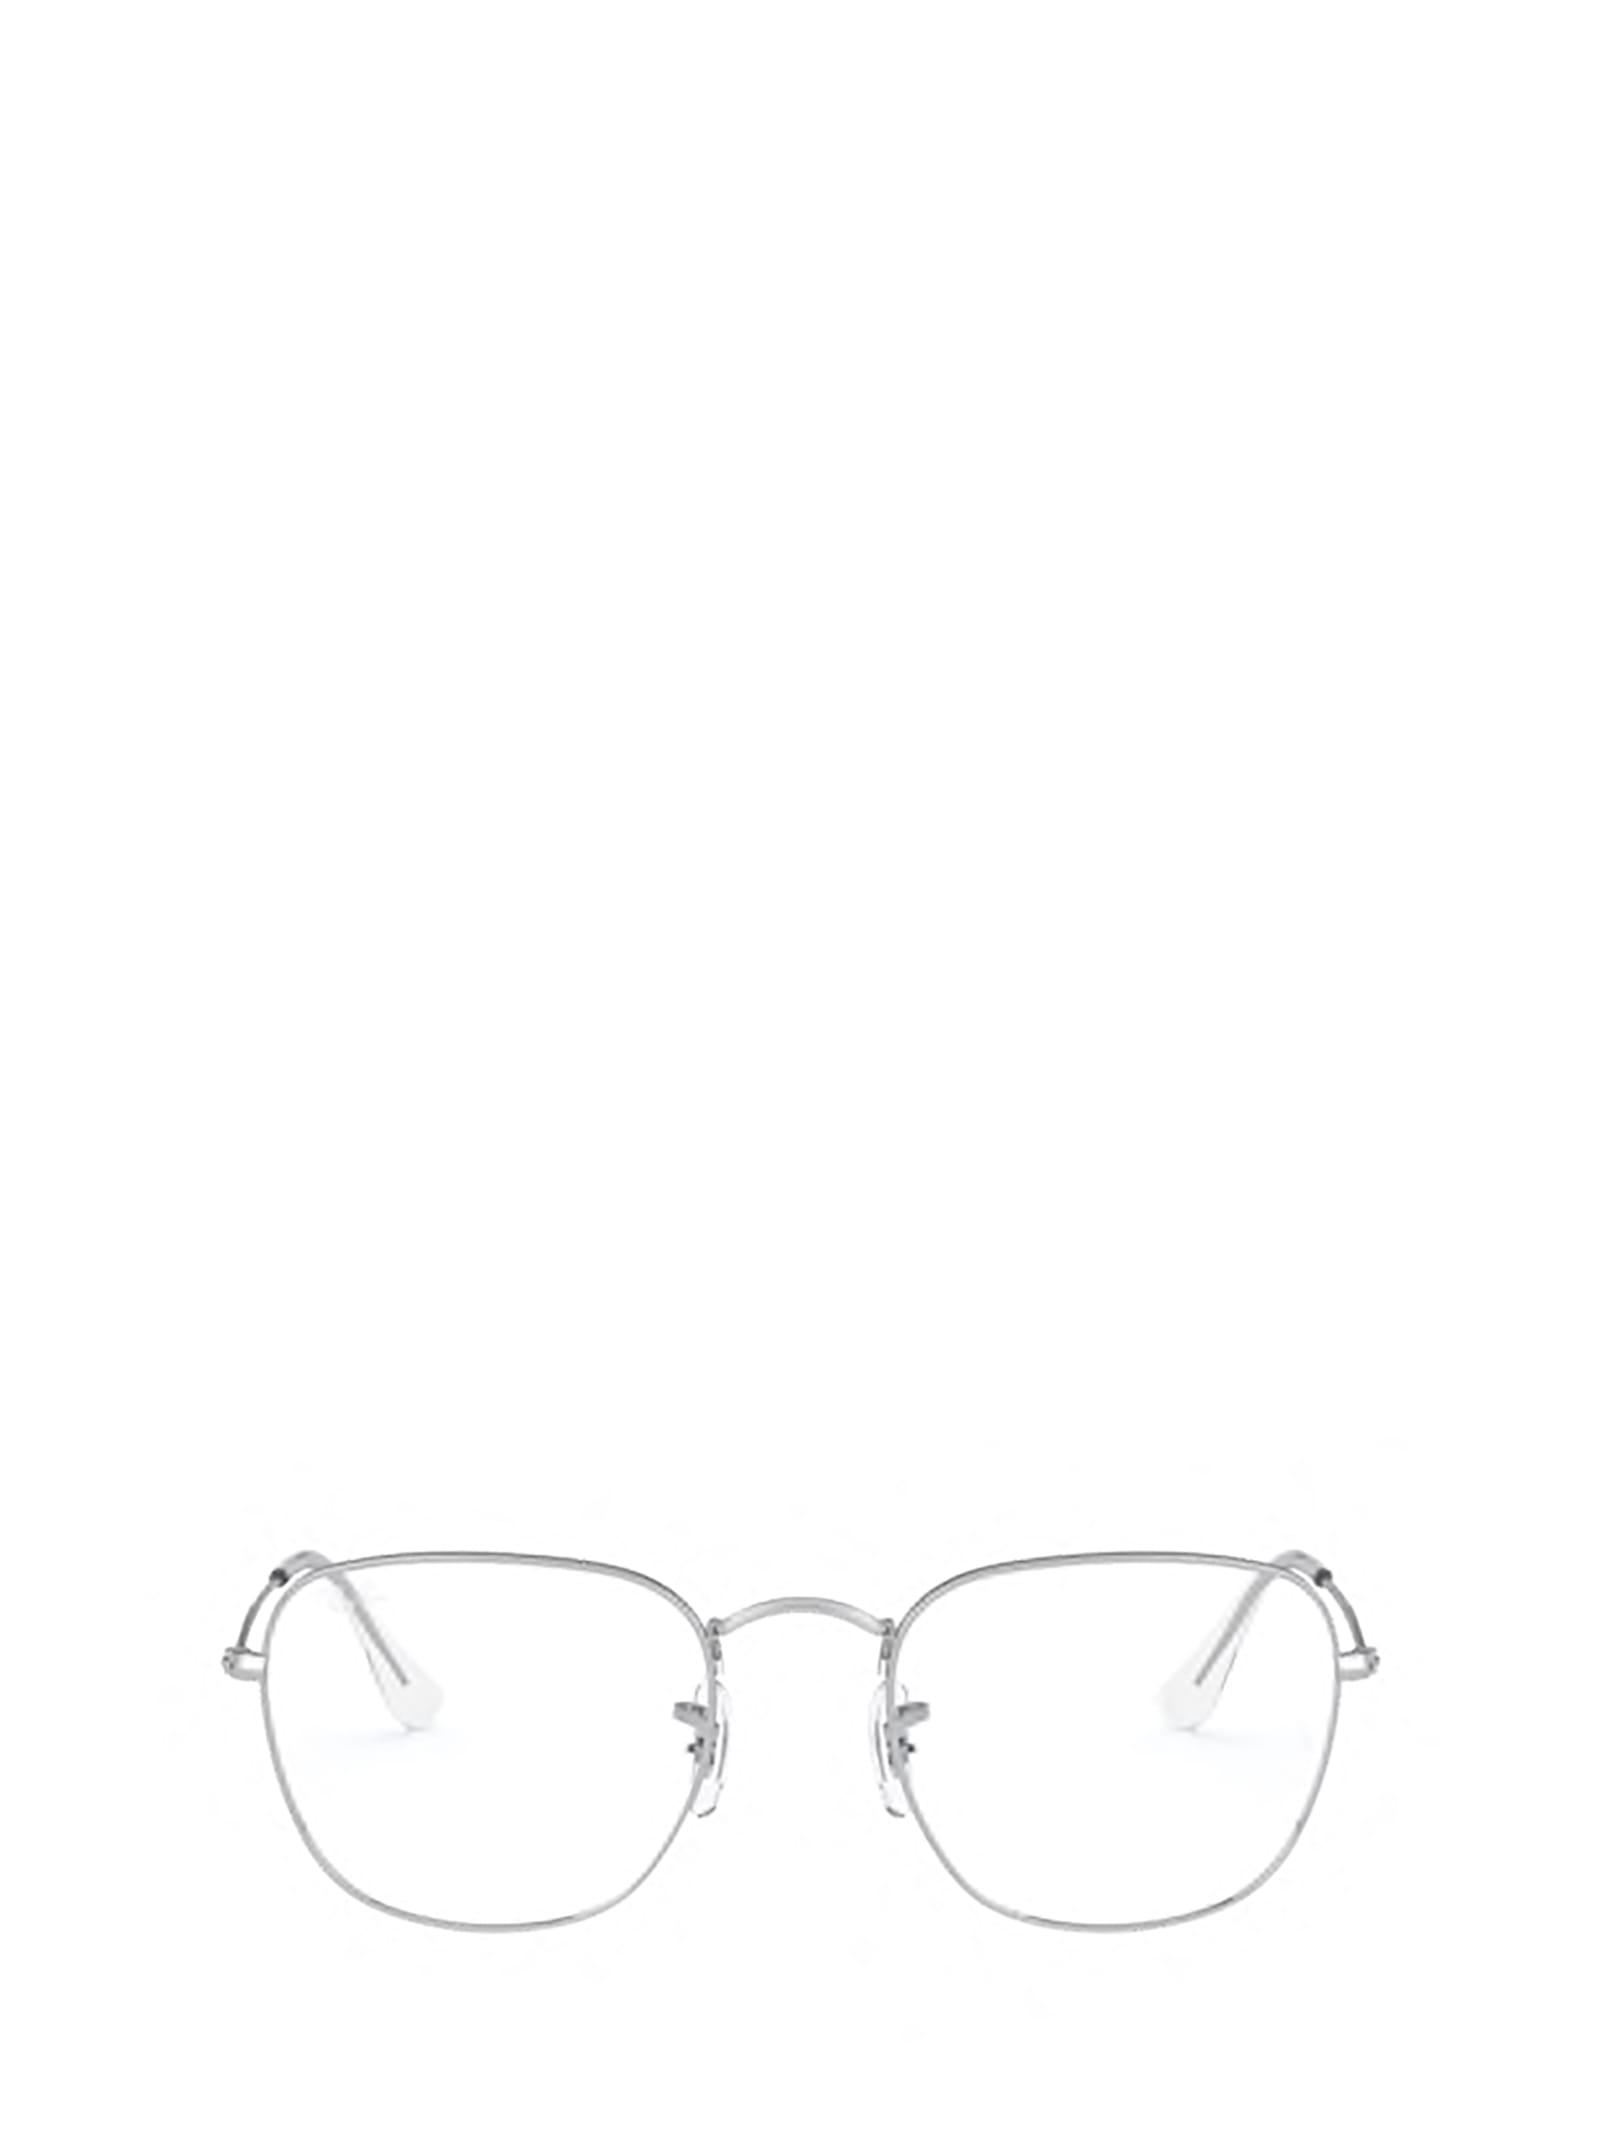 Ray-Ban Ray-ban Rx3857v 2501 Glasses